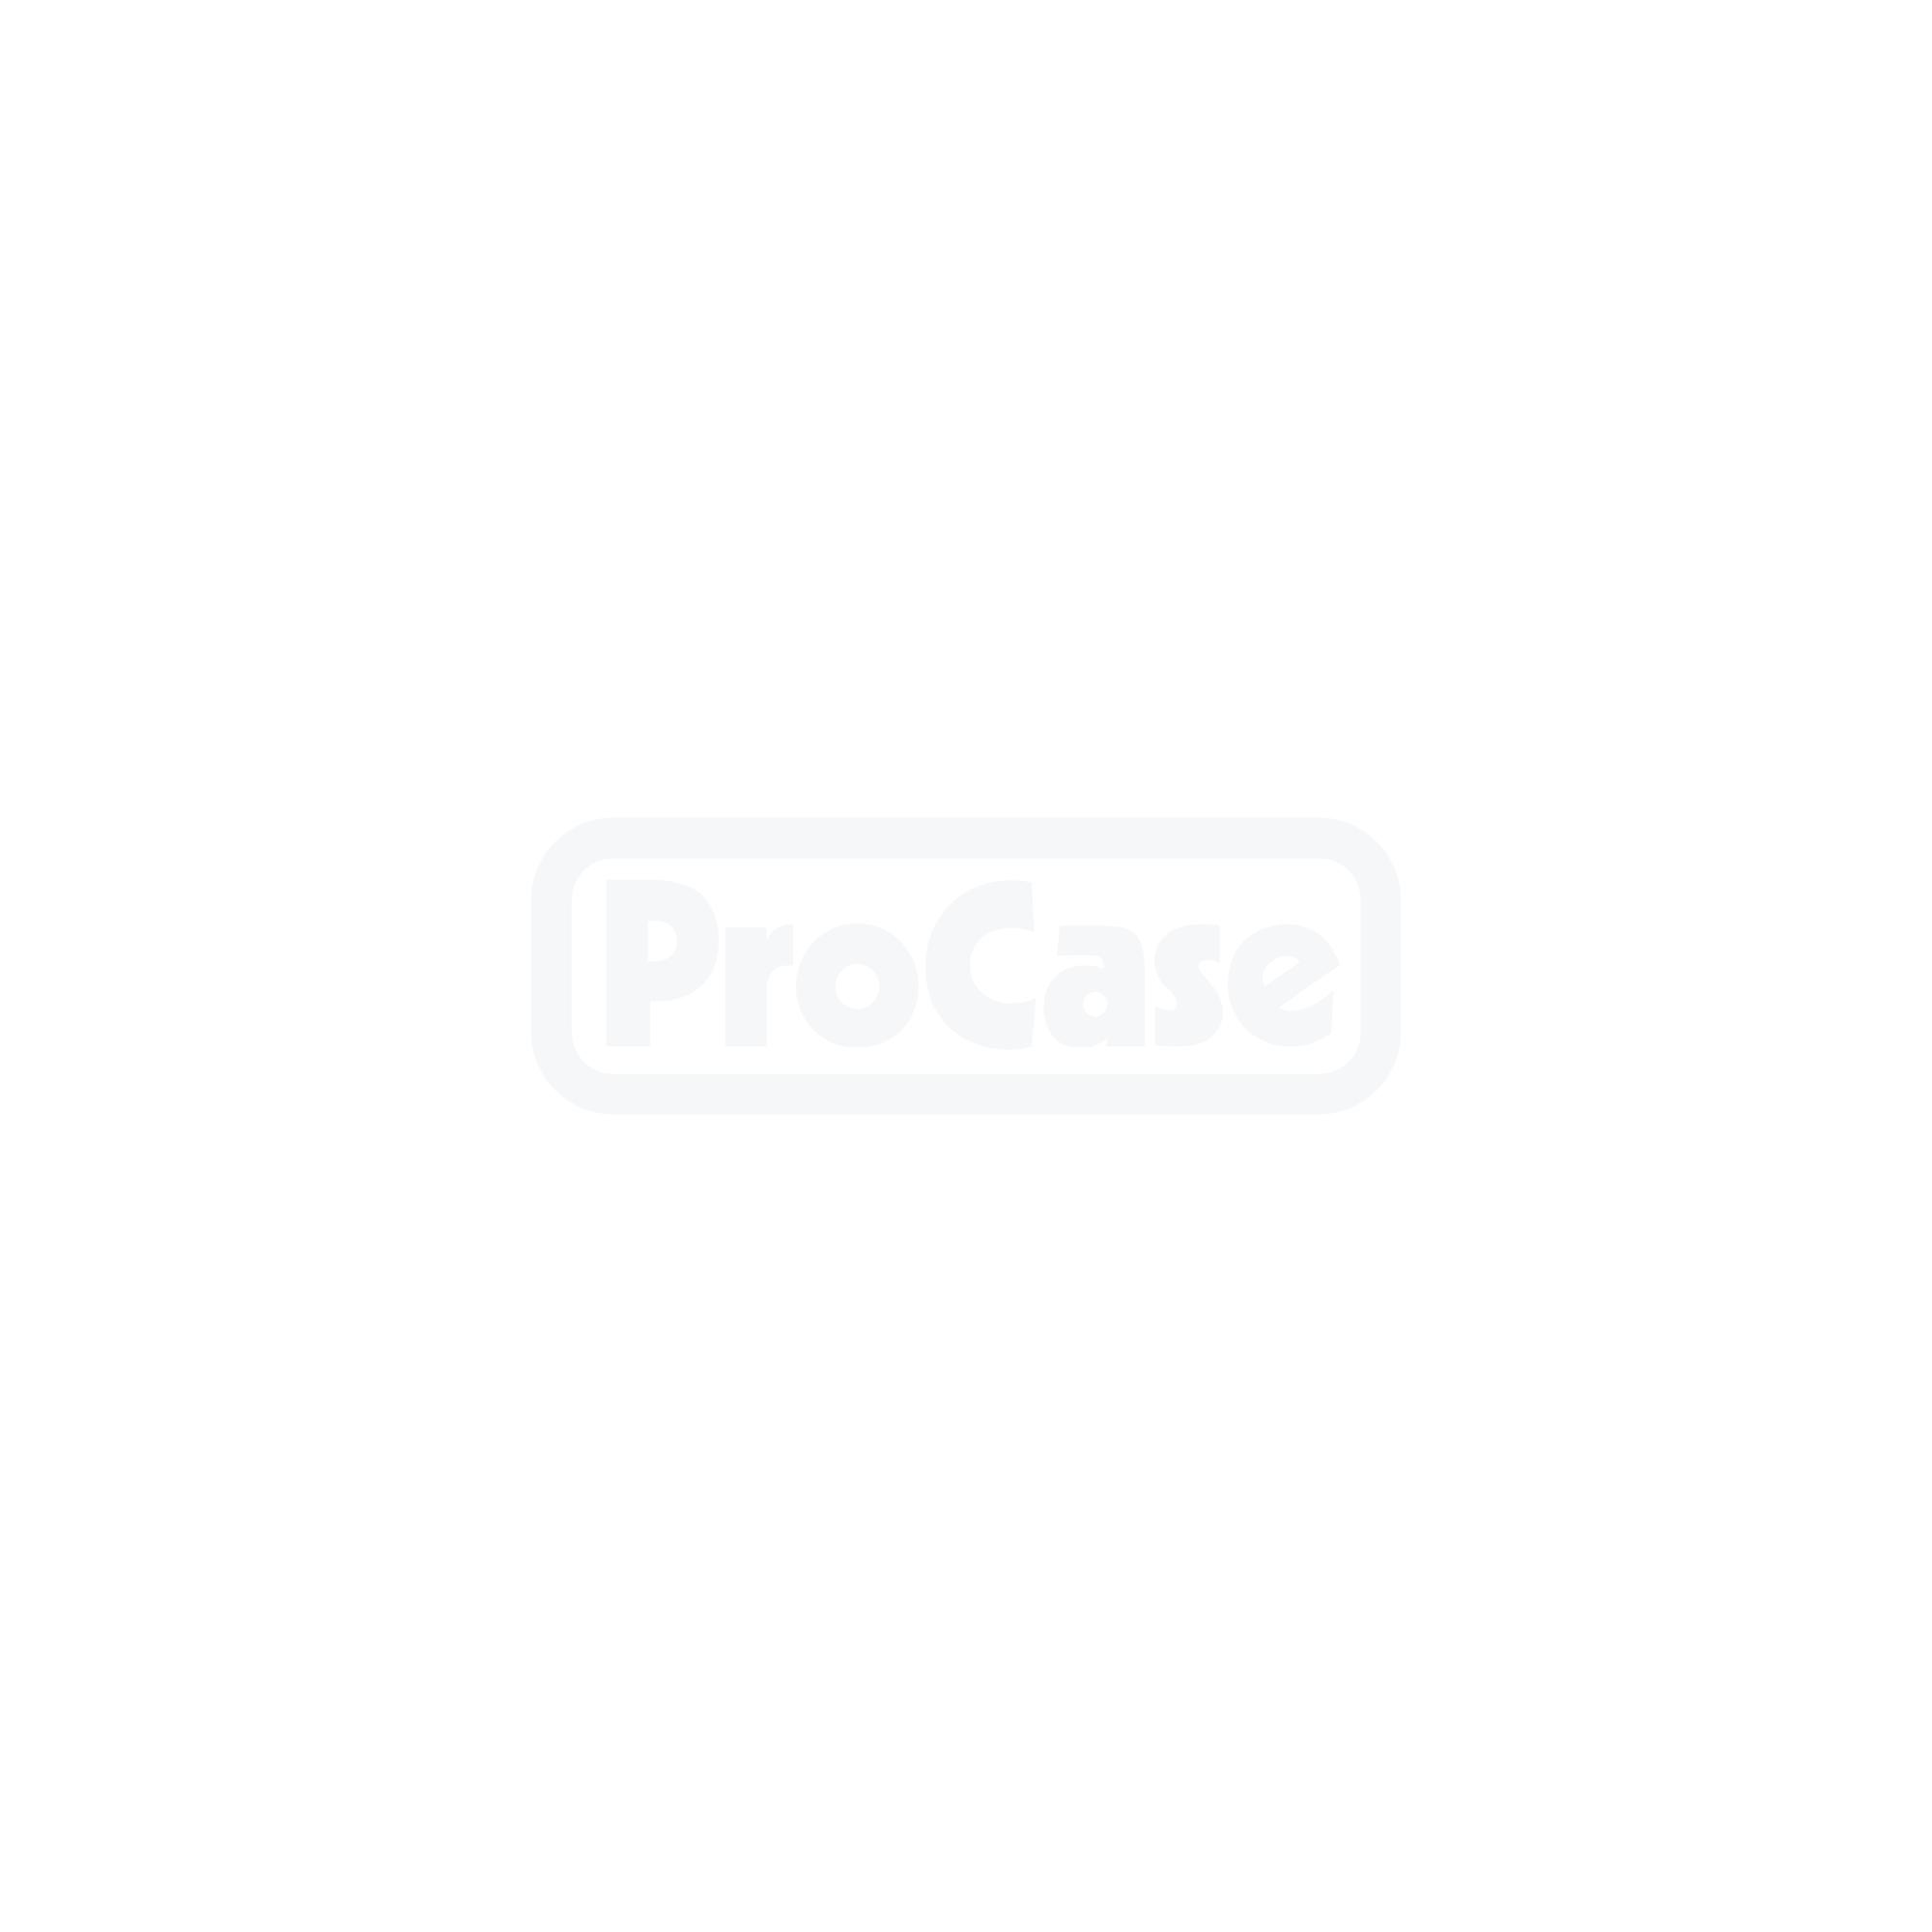 QSD-Rack 16HE 600 mm tief